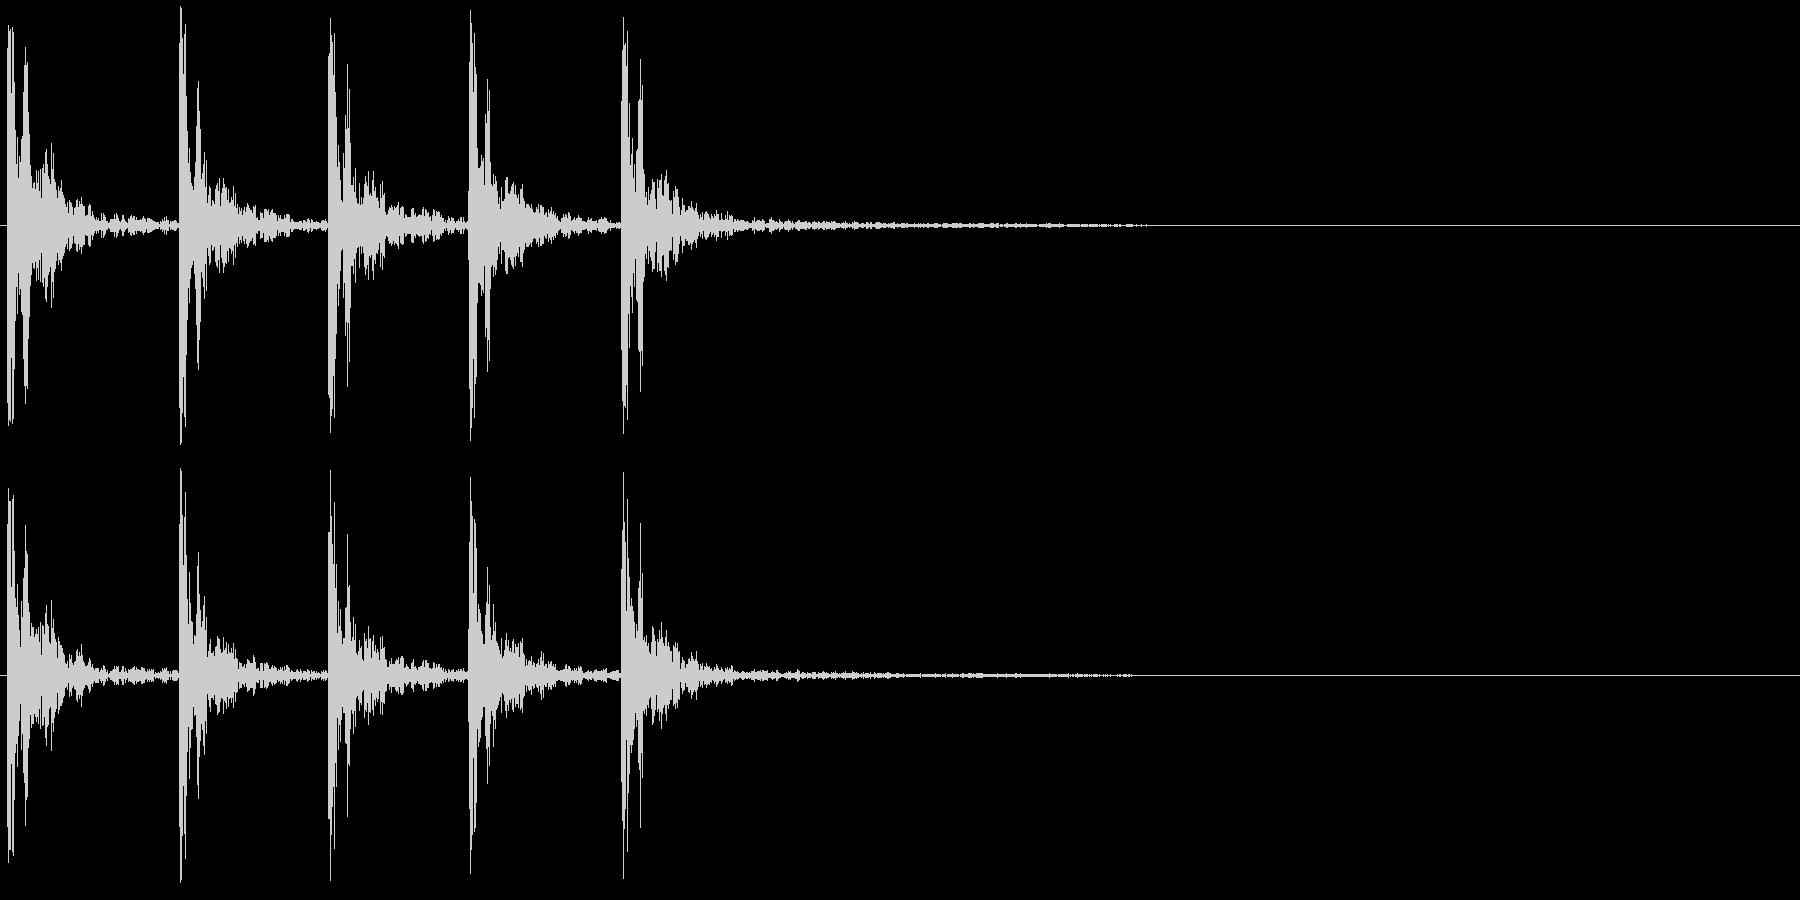 低音:ハードヒット、漫画コメディパ...の未再生の波形